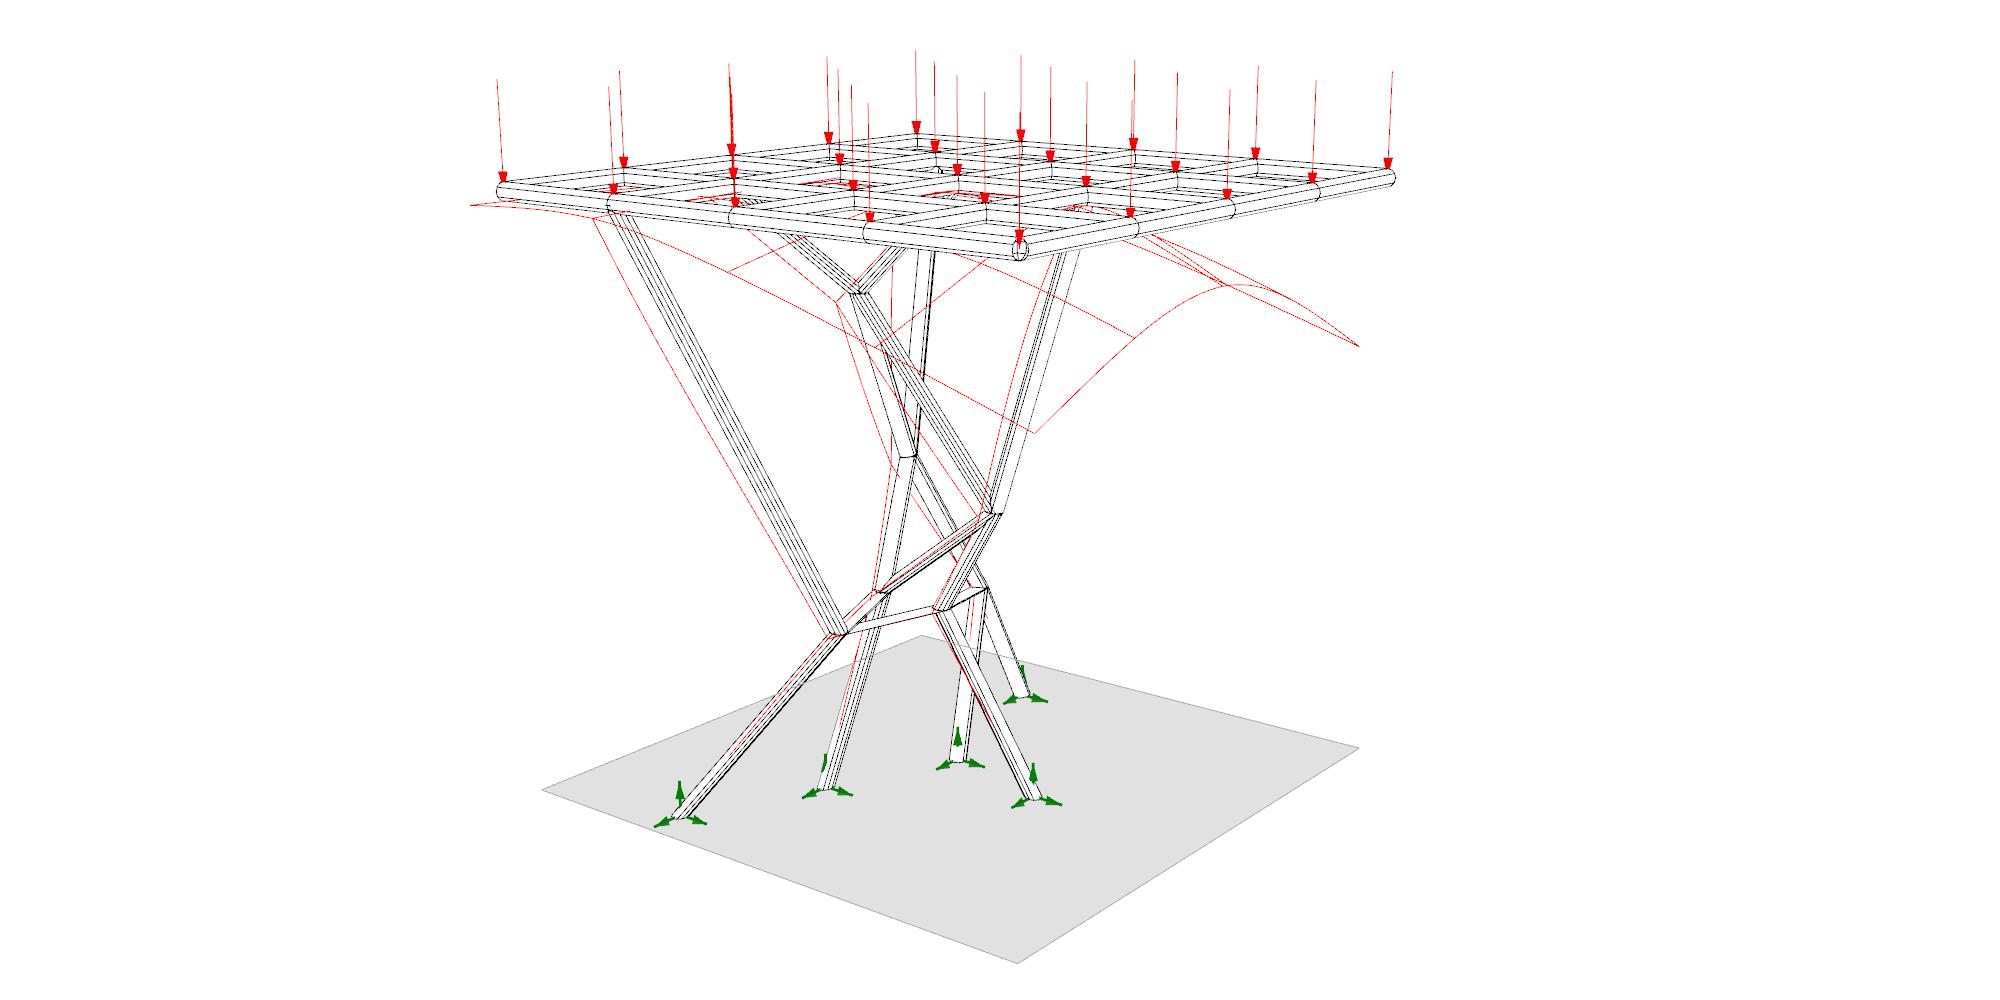 03_Optimization_ShapeIrregularStructure